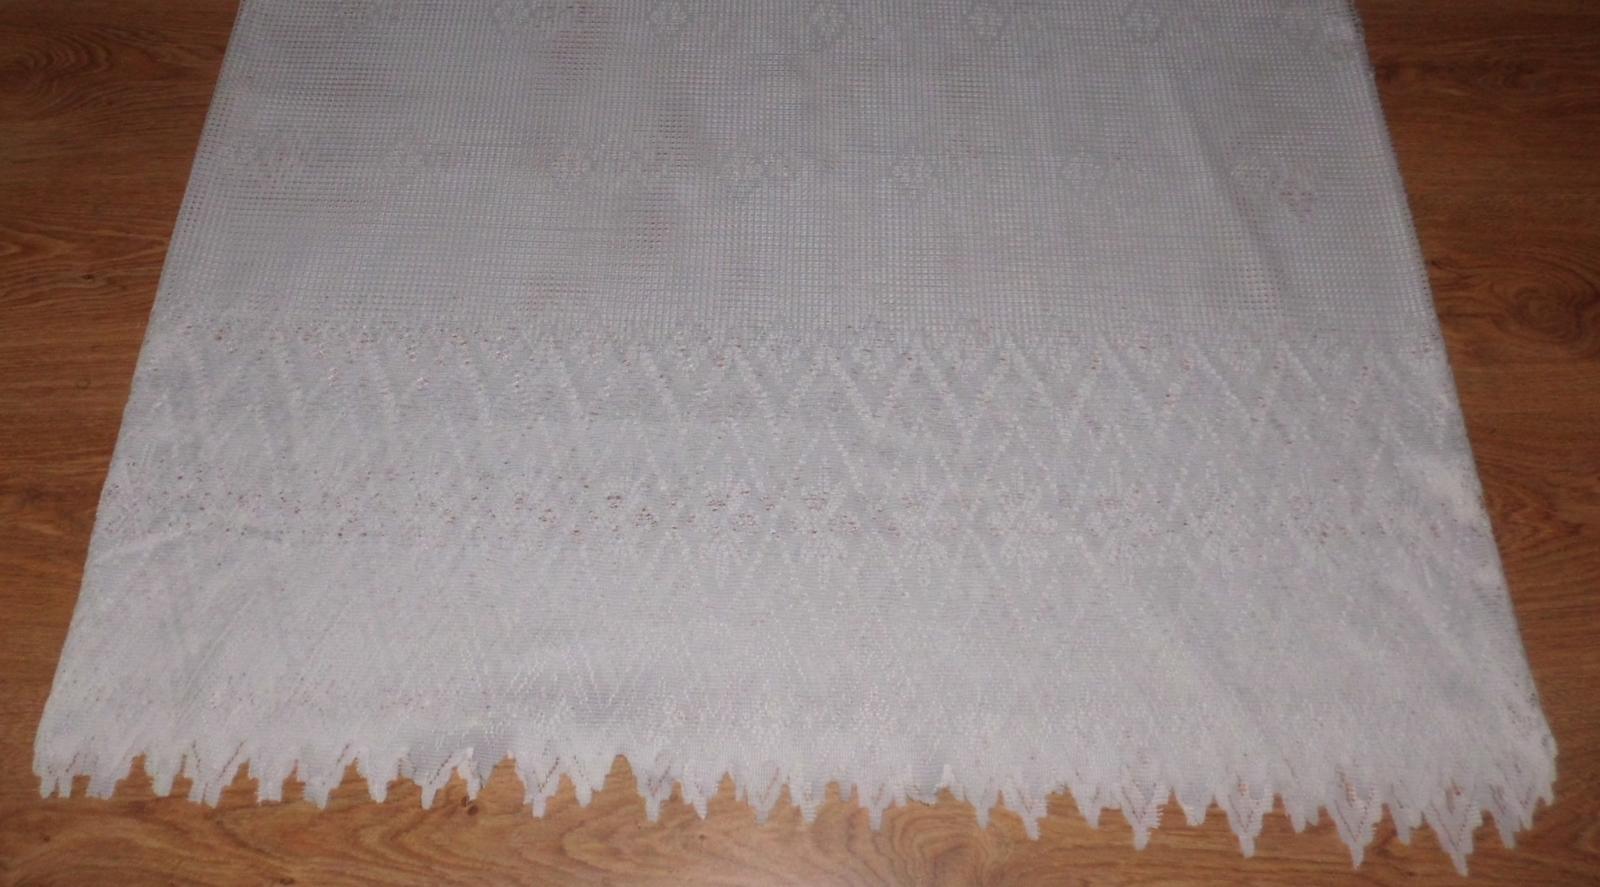 záclona-kosočtverce š 4,15cm x d 1,30cm - Obrázek č. 1